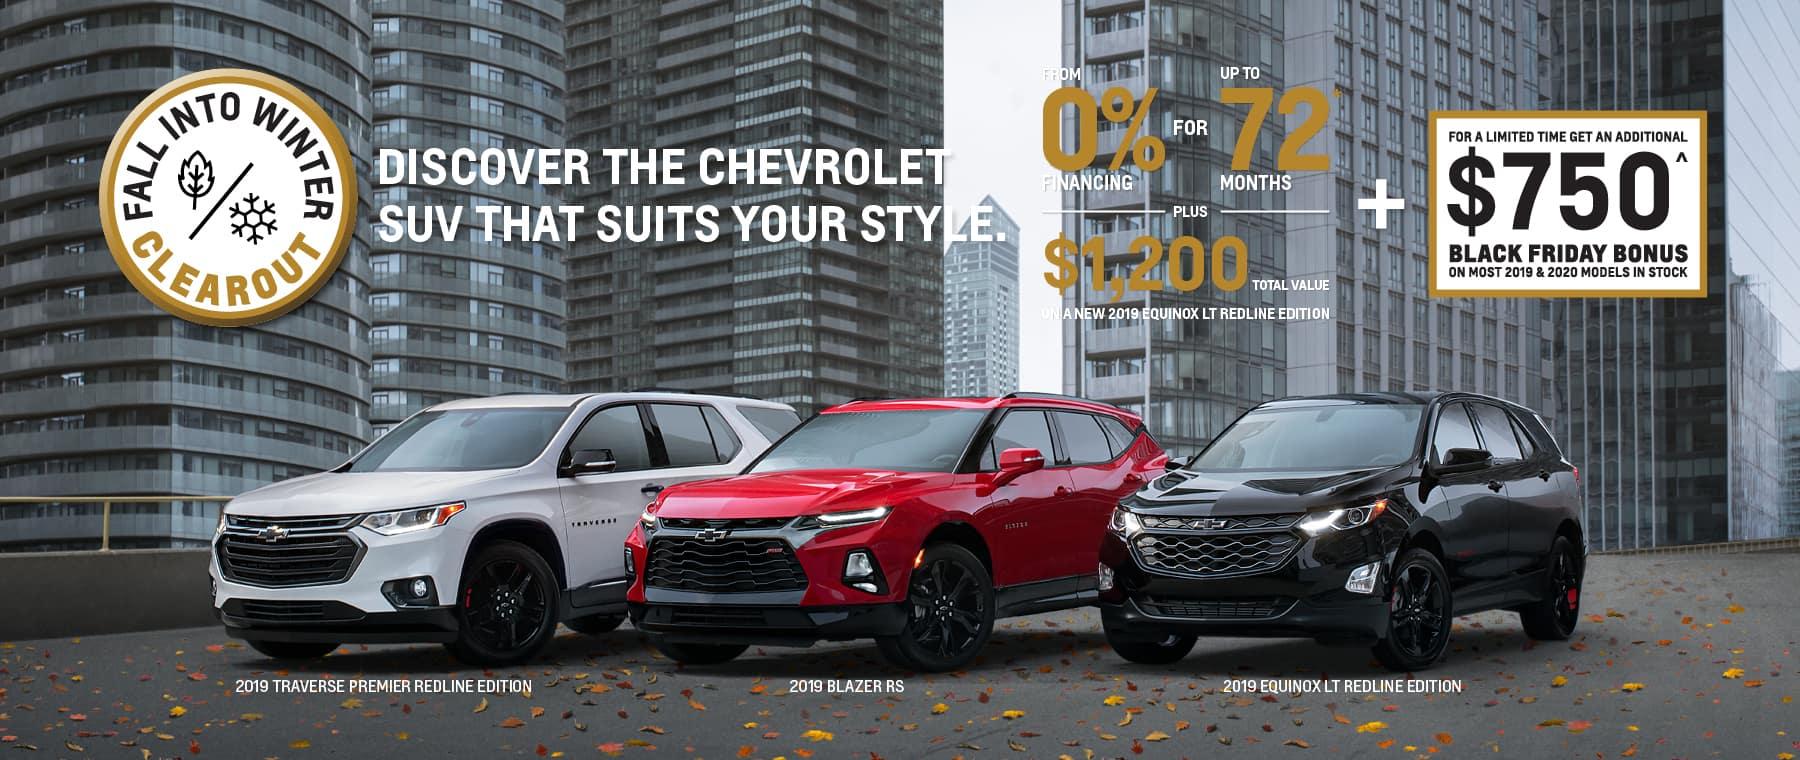 Black Friday Bonus Chevrolet SUV